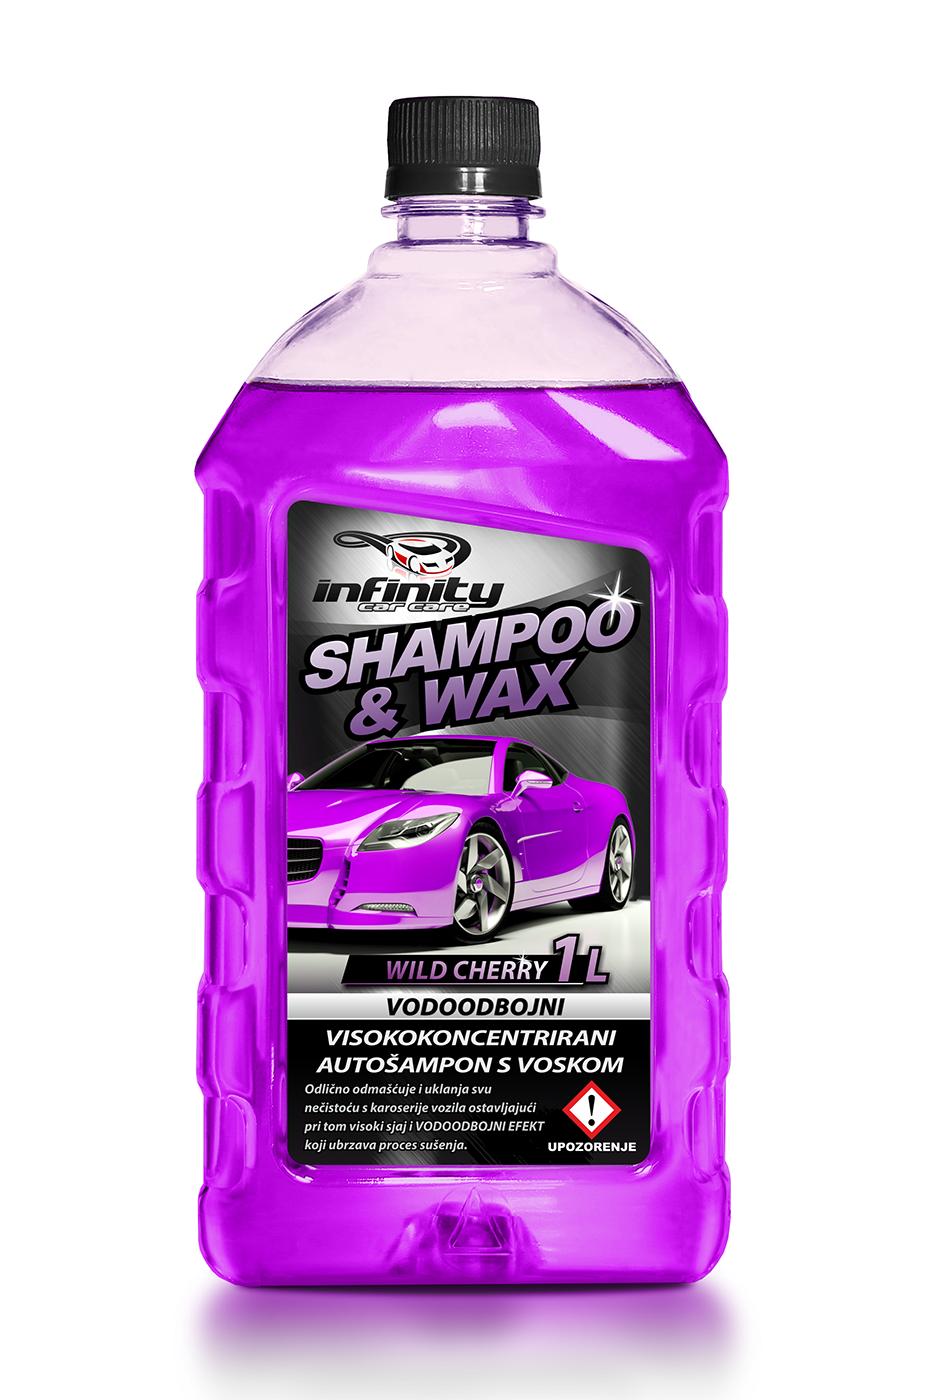 Shampoo & wax 1L